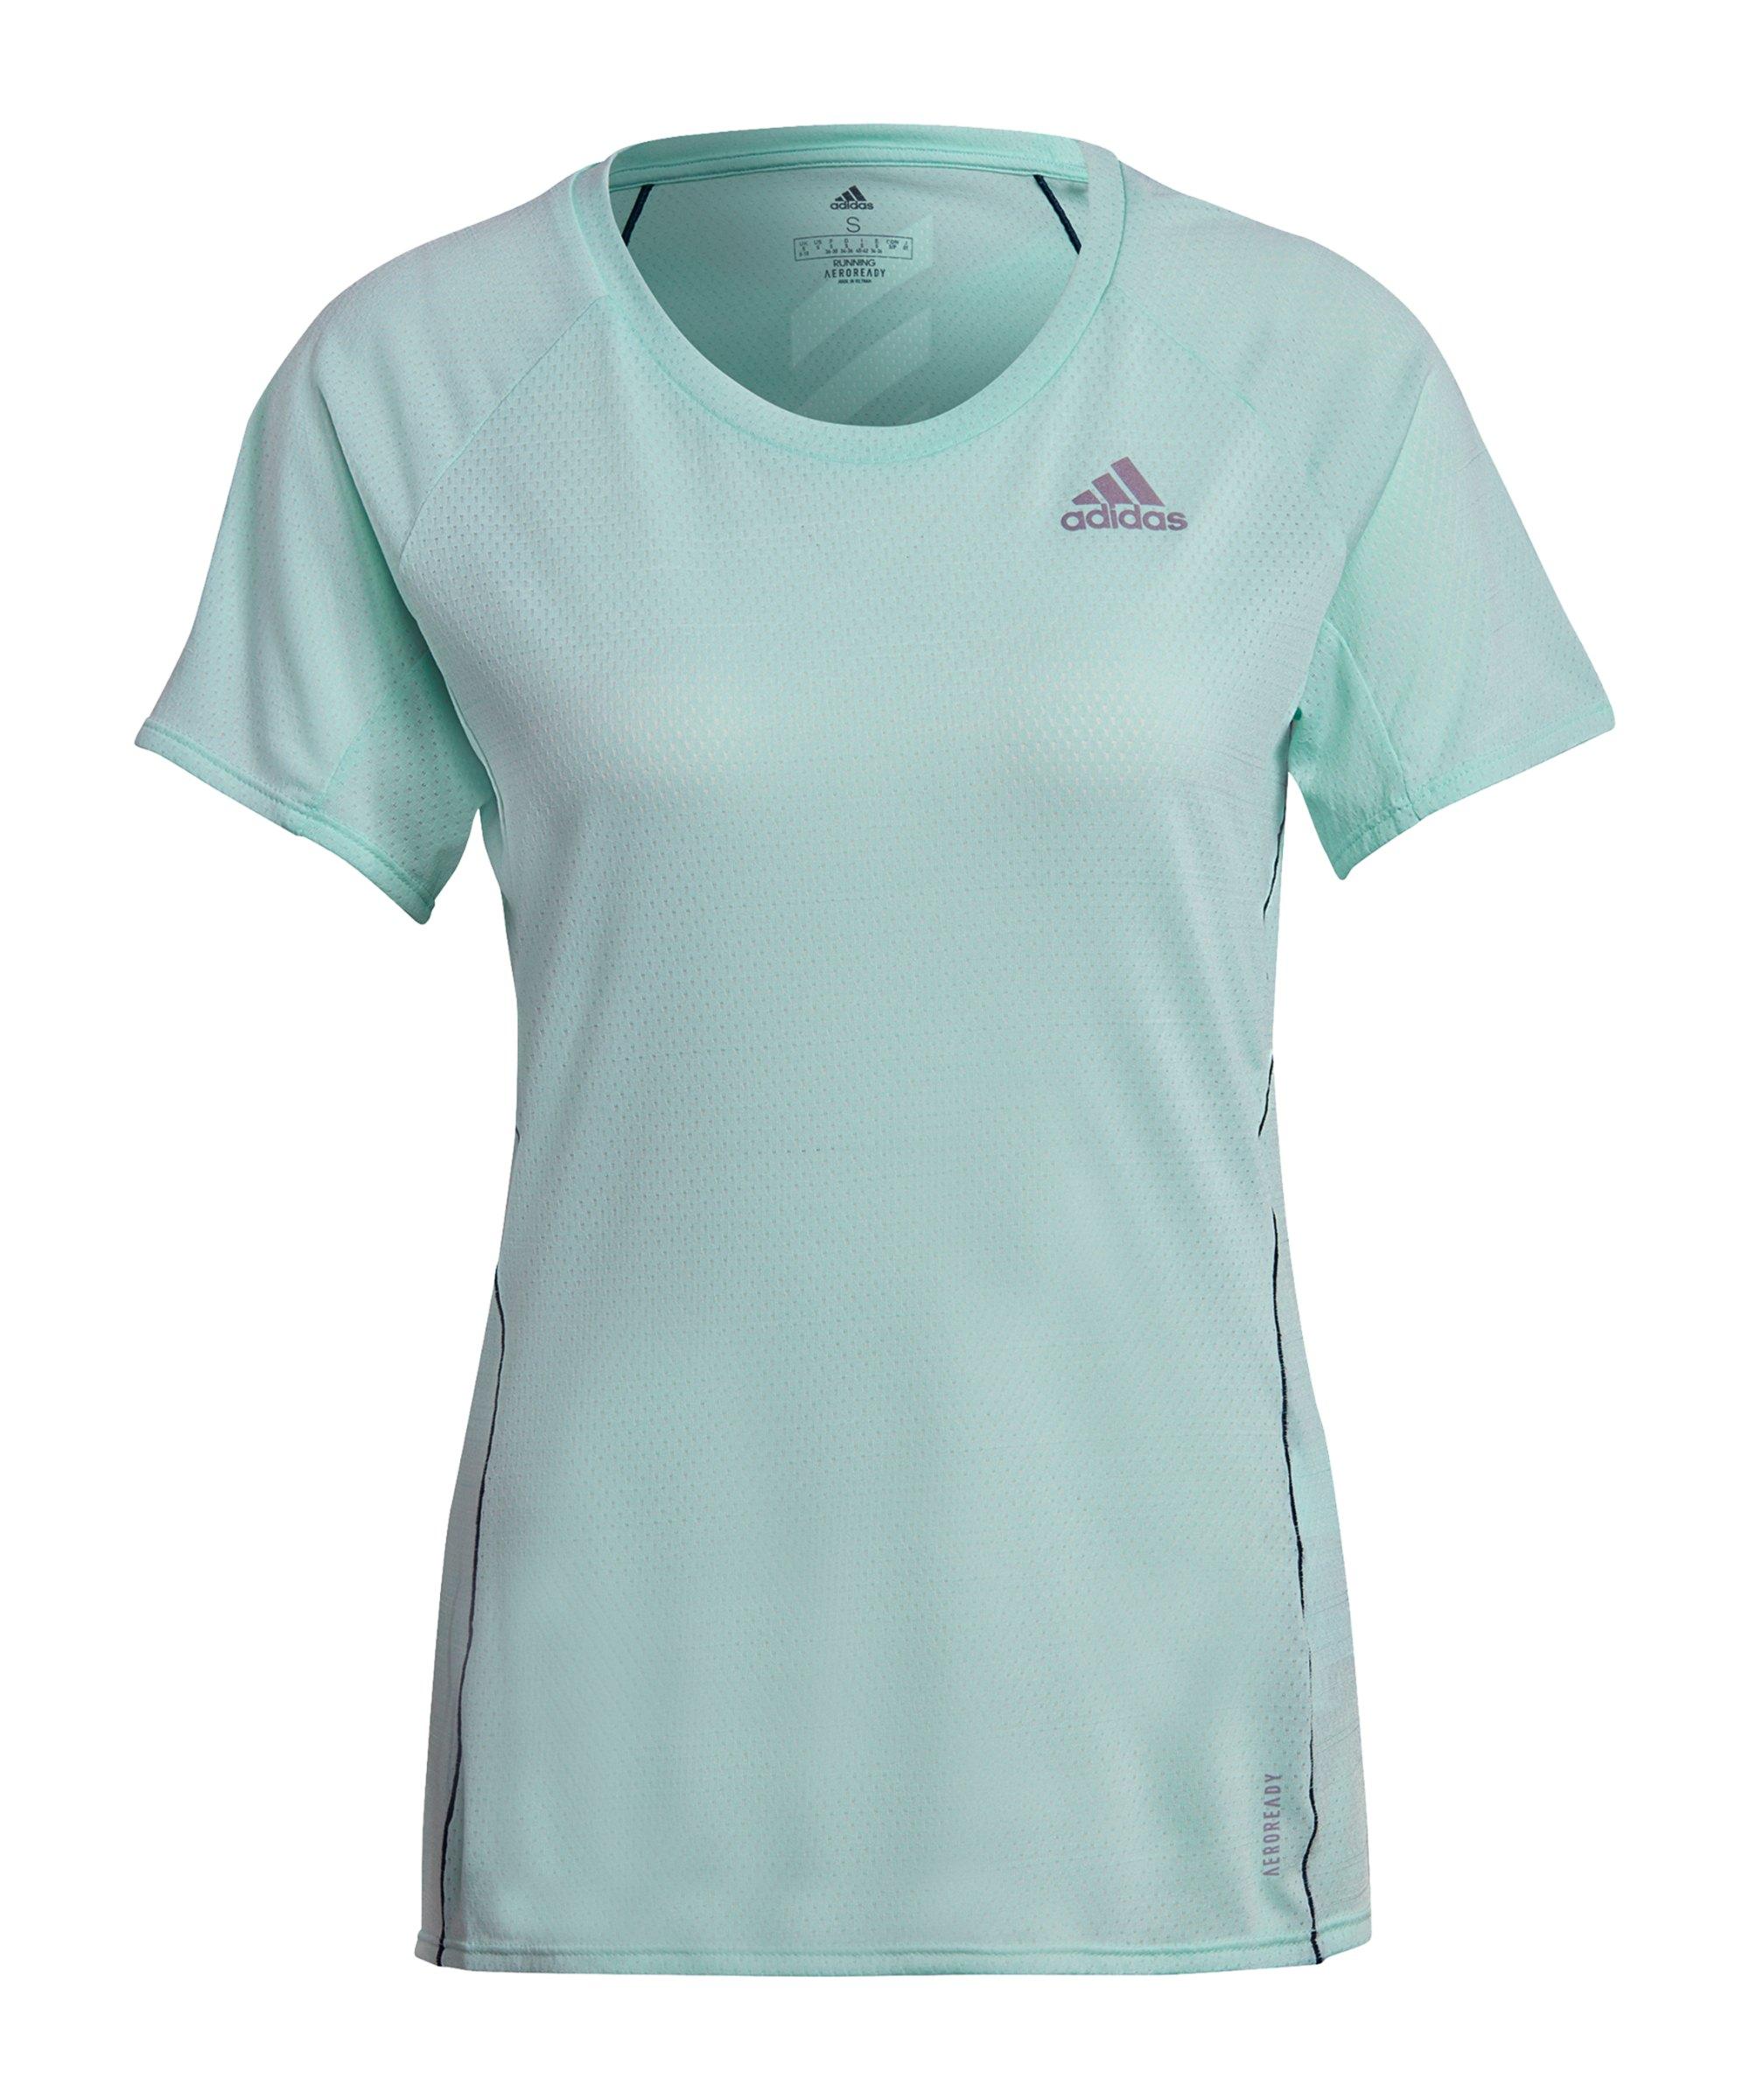 adidas Runner T-Shirt Running Damen Grün - gruen